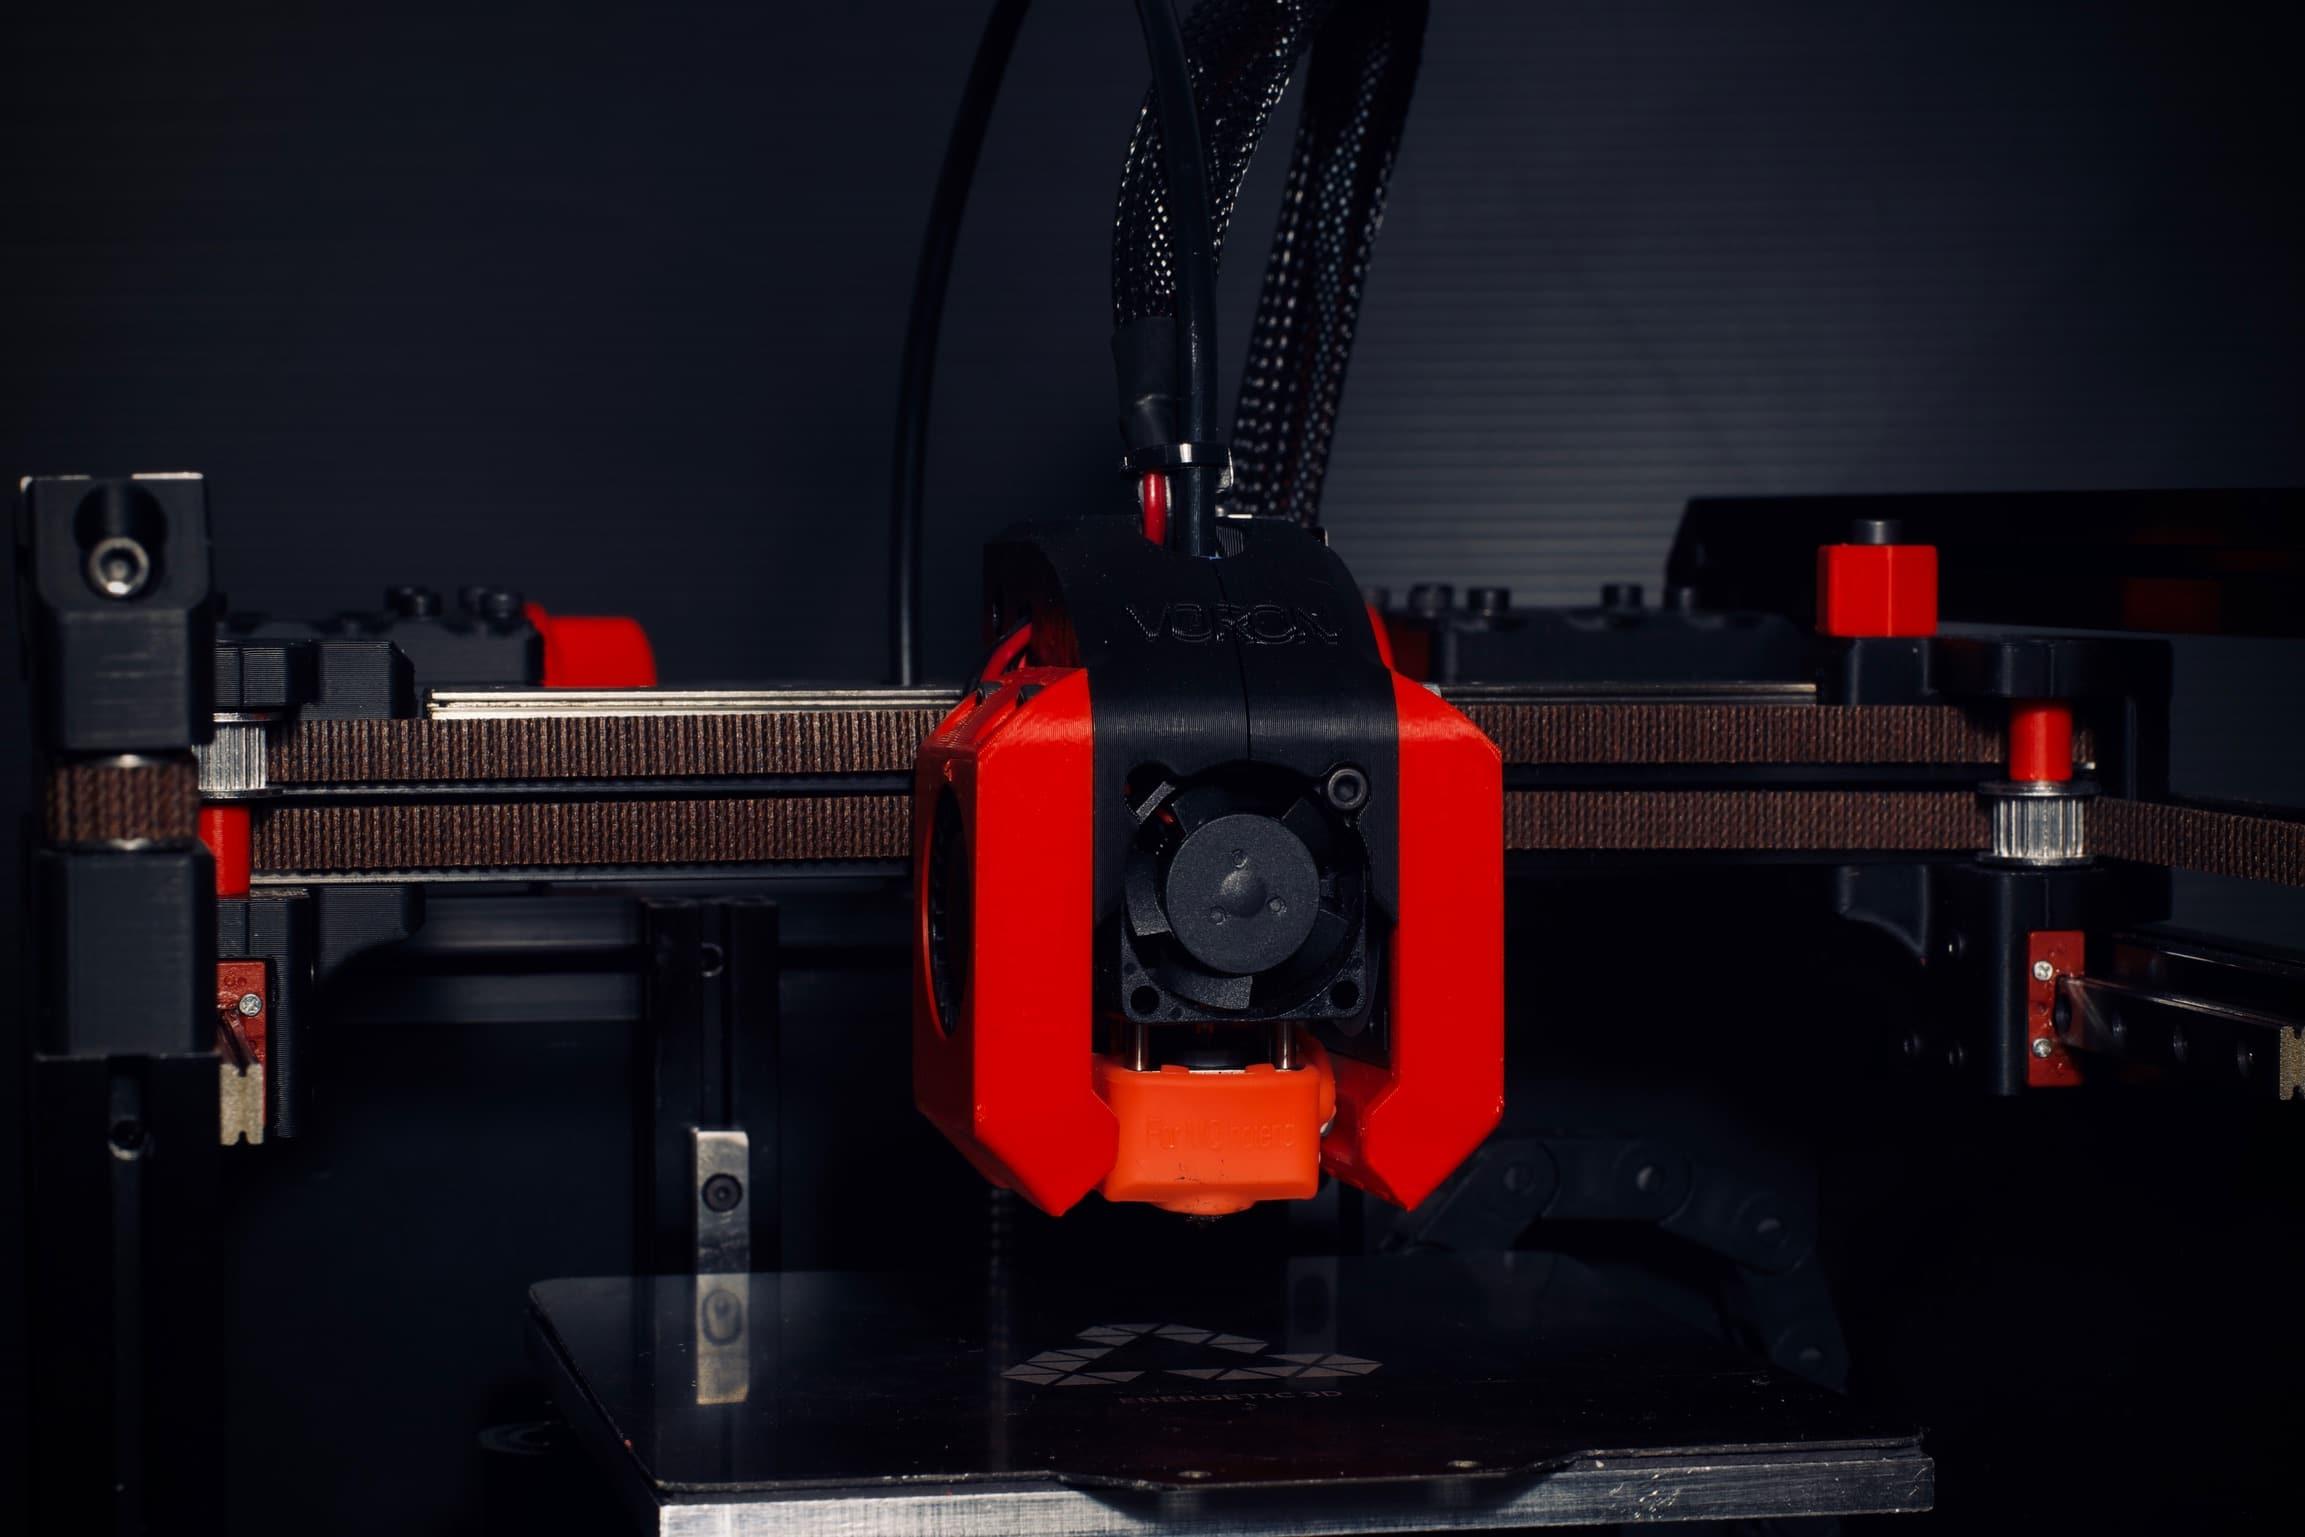 voron-0-3d-printer-parts